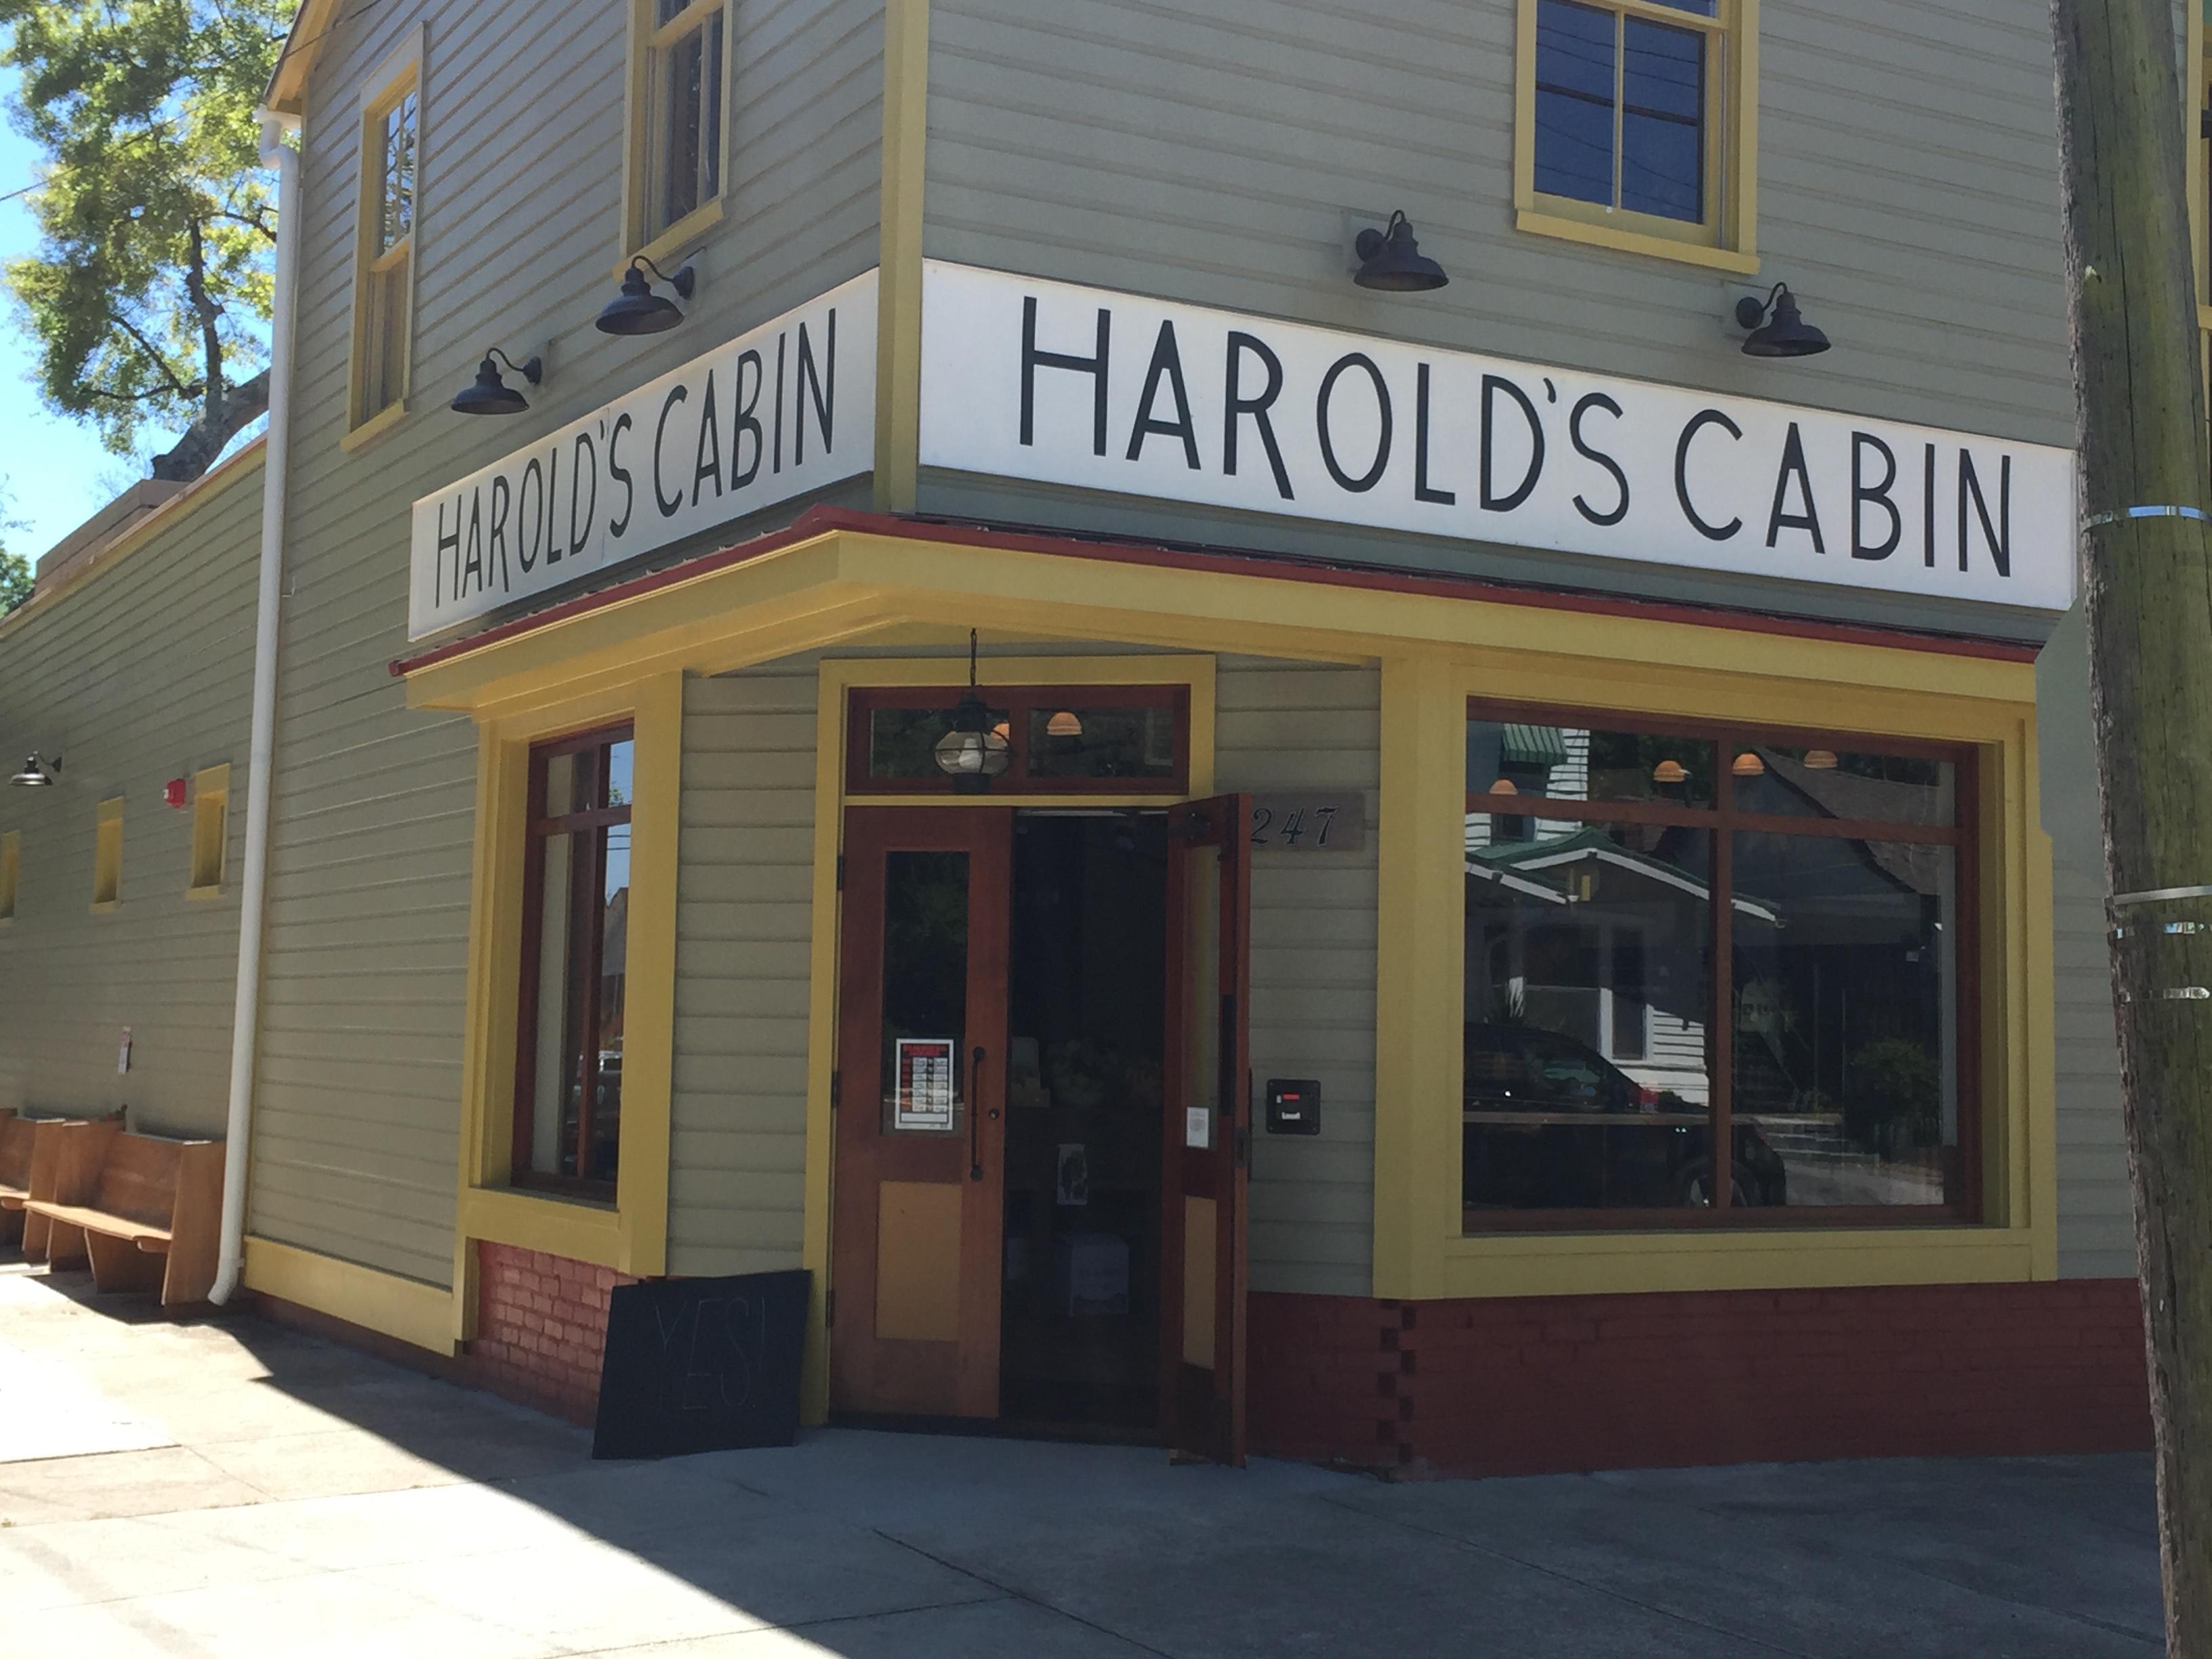 Harold's Cabin with doors open